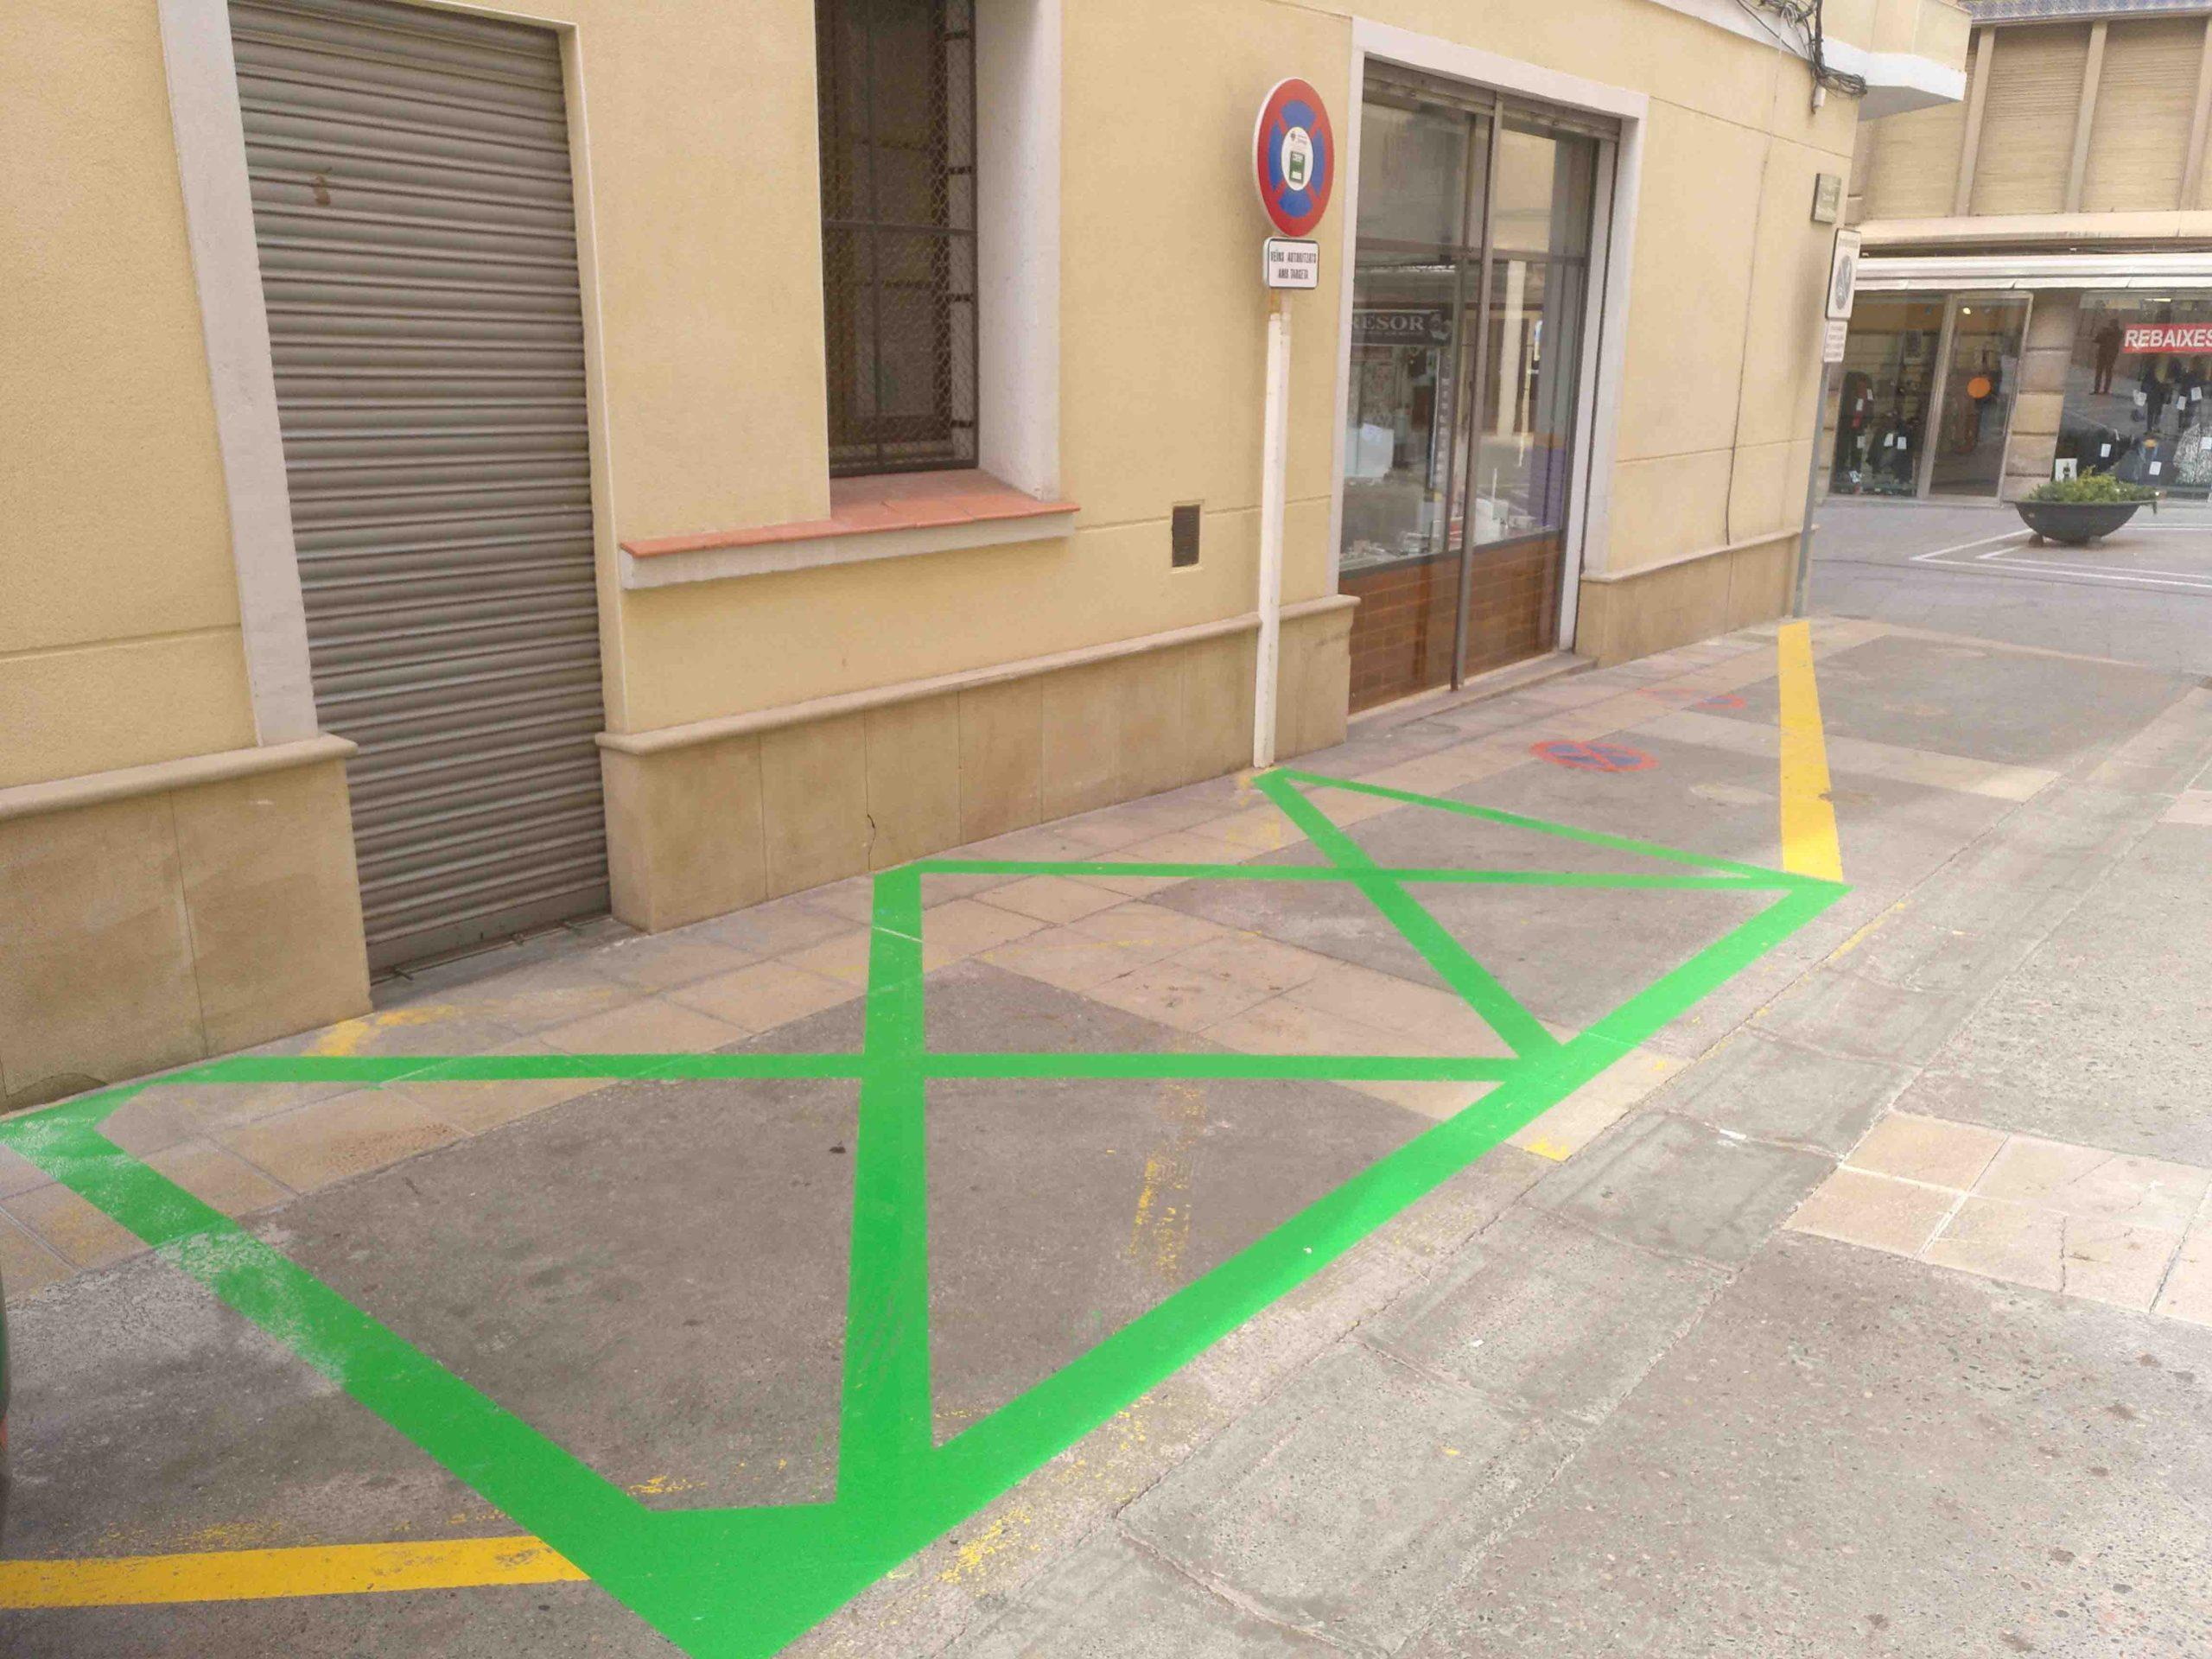 Habiliten  dos  llocs d'estacionament amb una durada màxima de 10 minuts per a veïns residents als carrers vianalitzats del centre